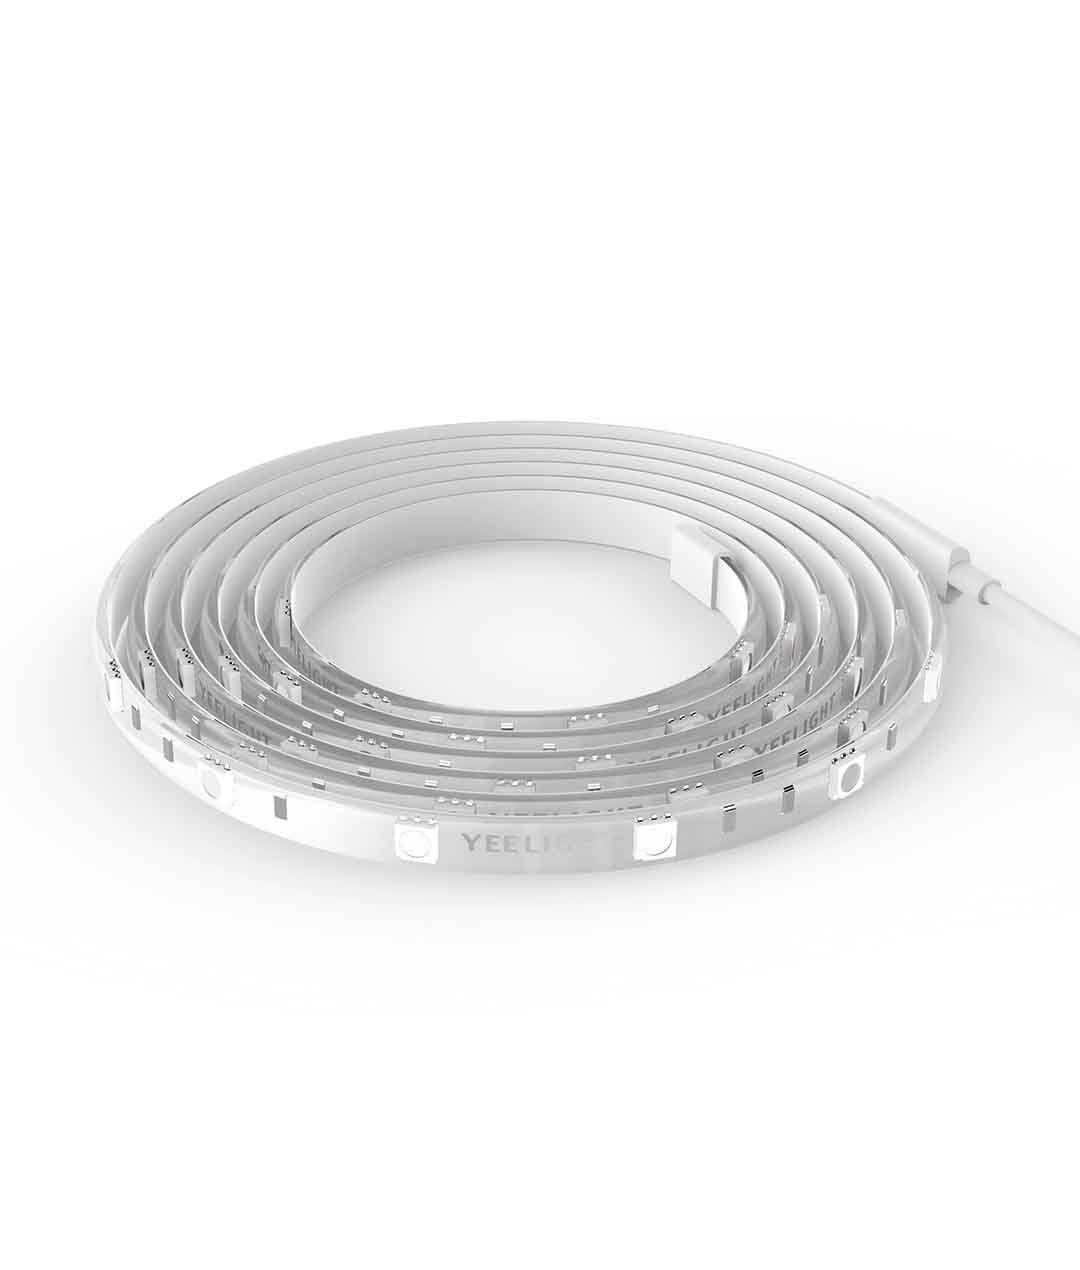 AndroidKosmos | Xiaomi Yeeligth LED-Stripes für 23 Euro vorgestellt 1